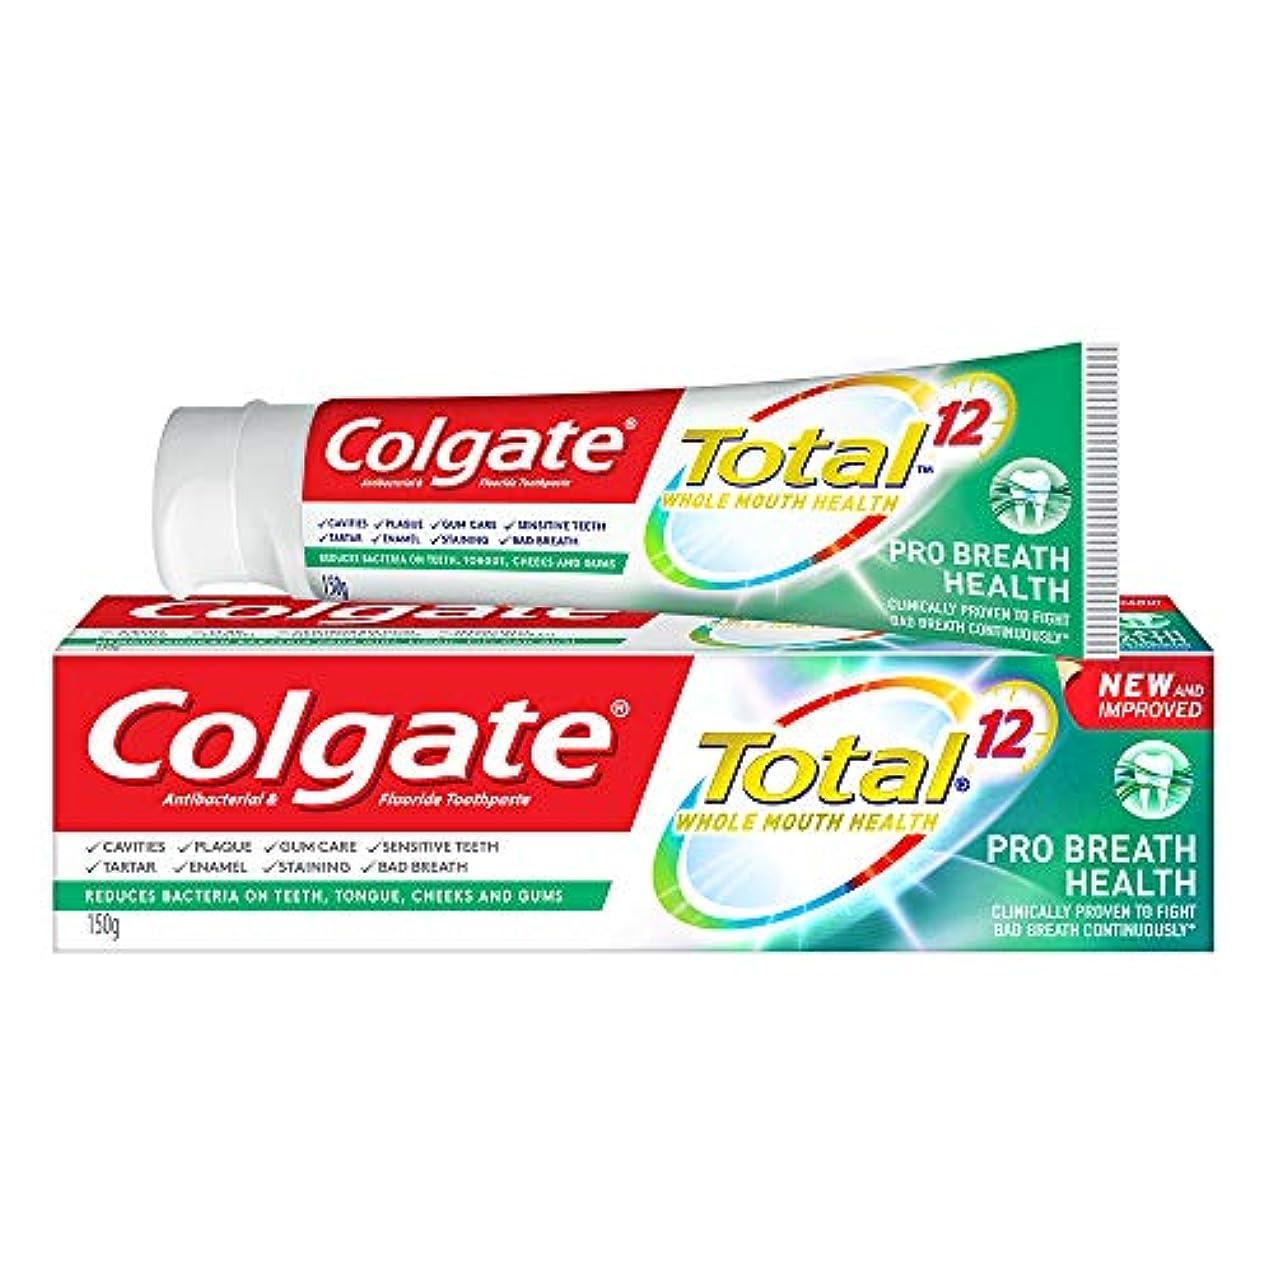 請求書ドラッグジャングルコルゲート Colgate PRO BREATH HEALTH 150g